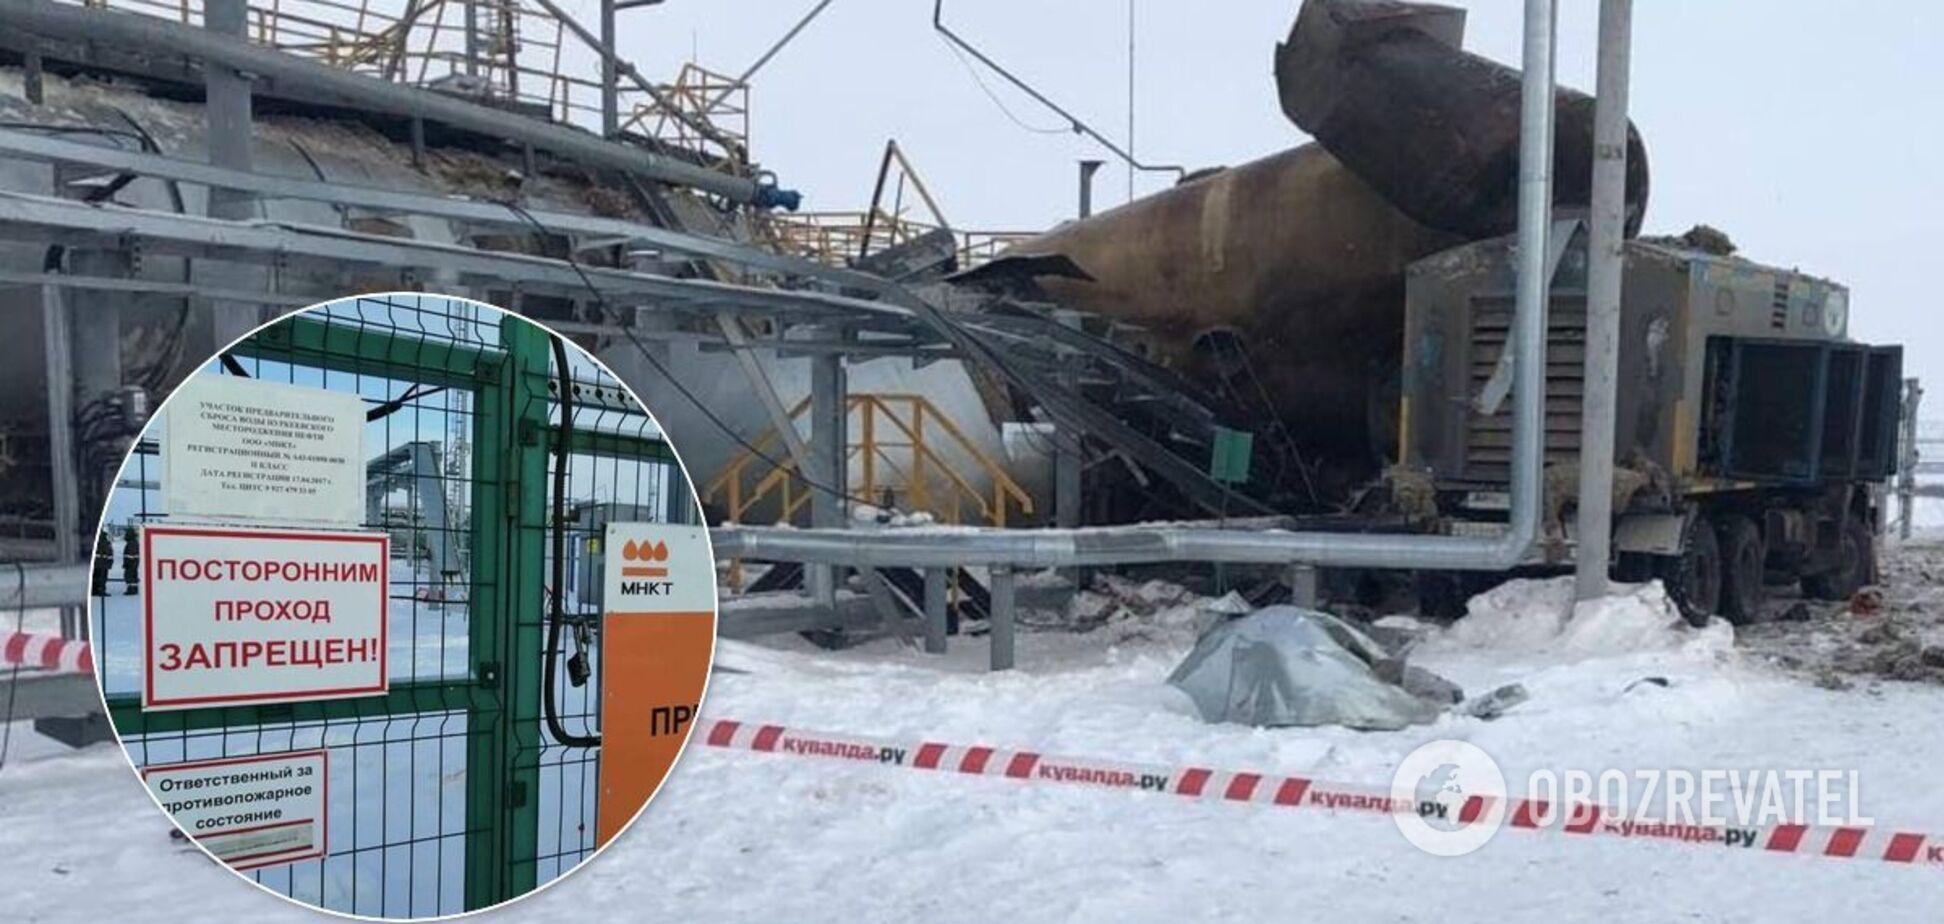 На российском нефтепредприятии произошел взрыв